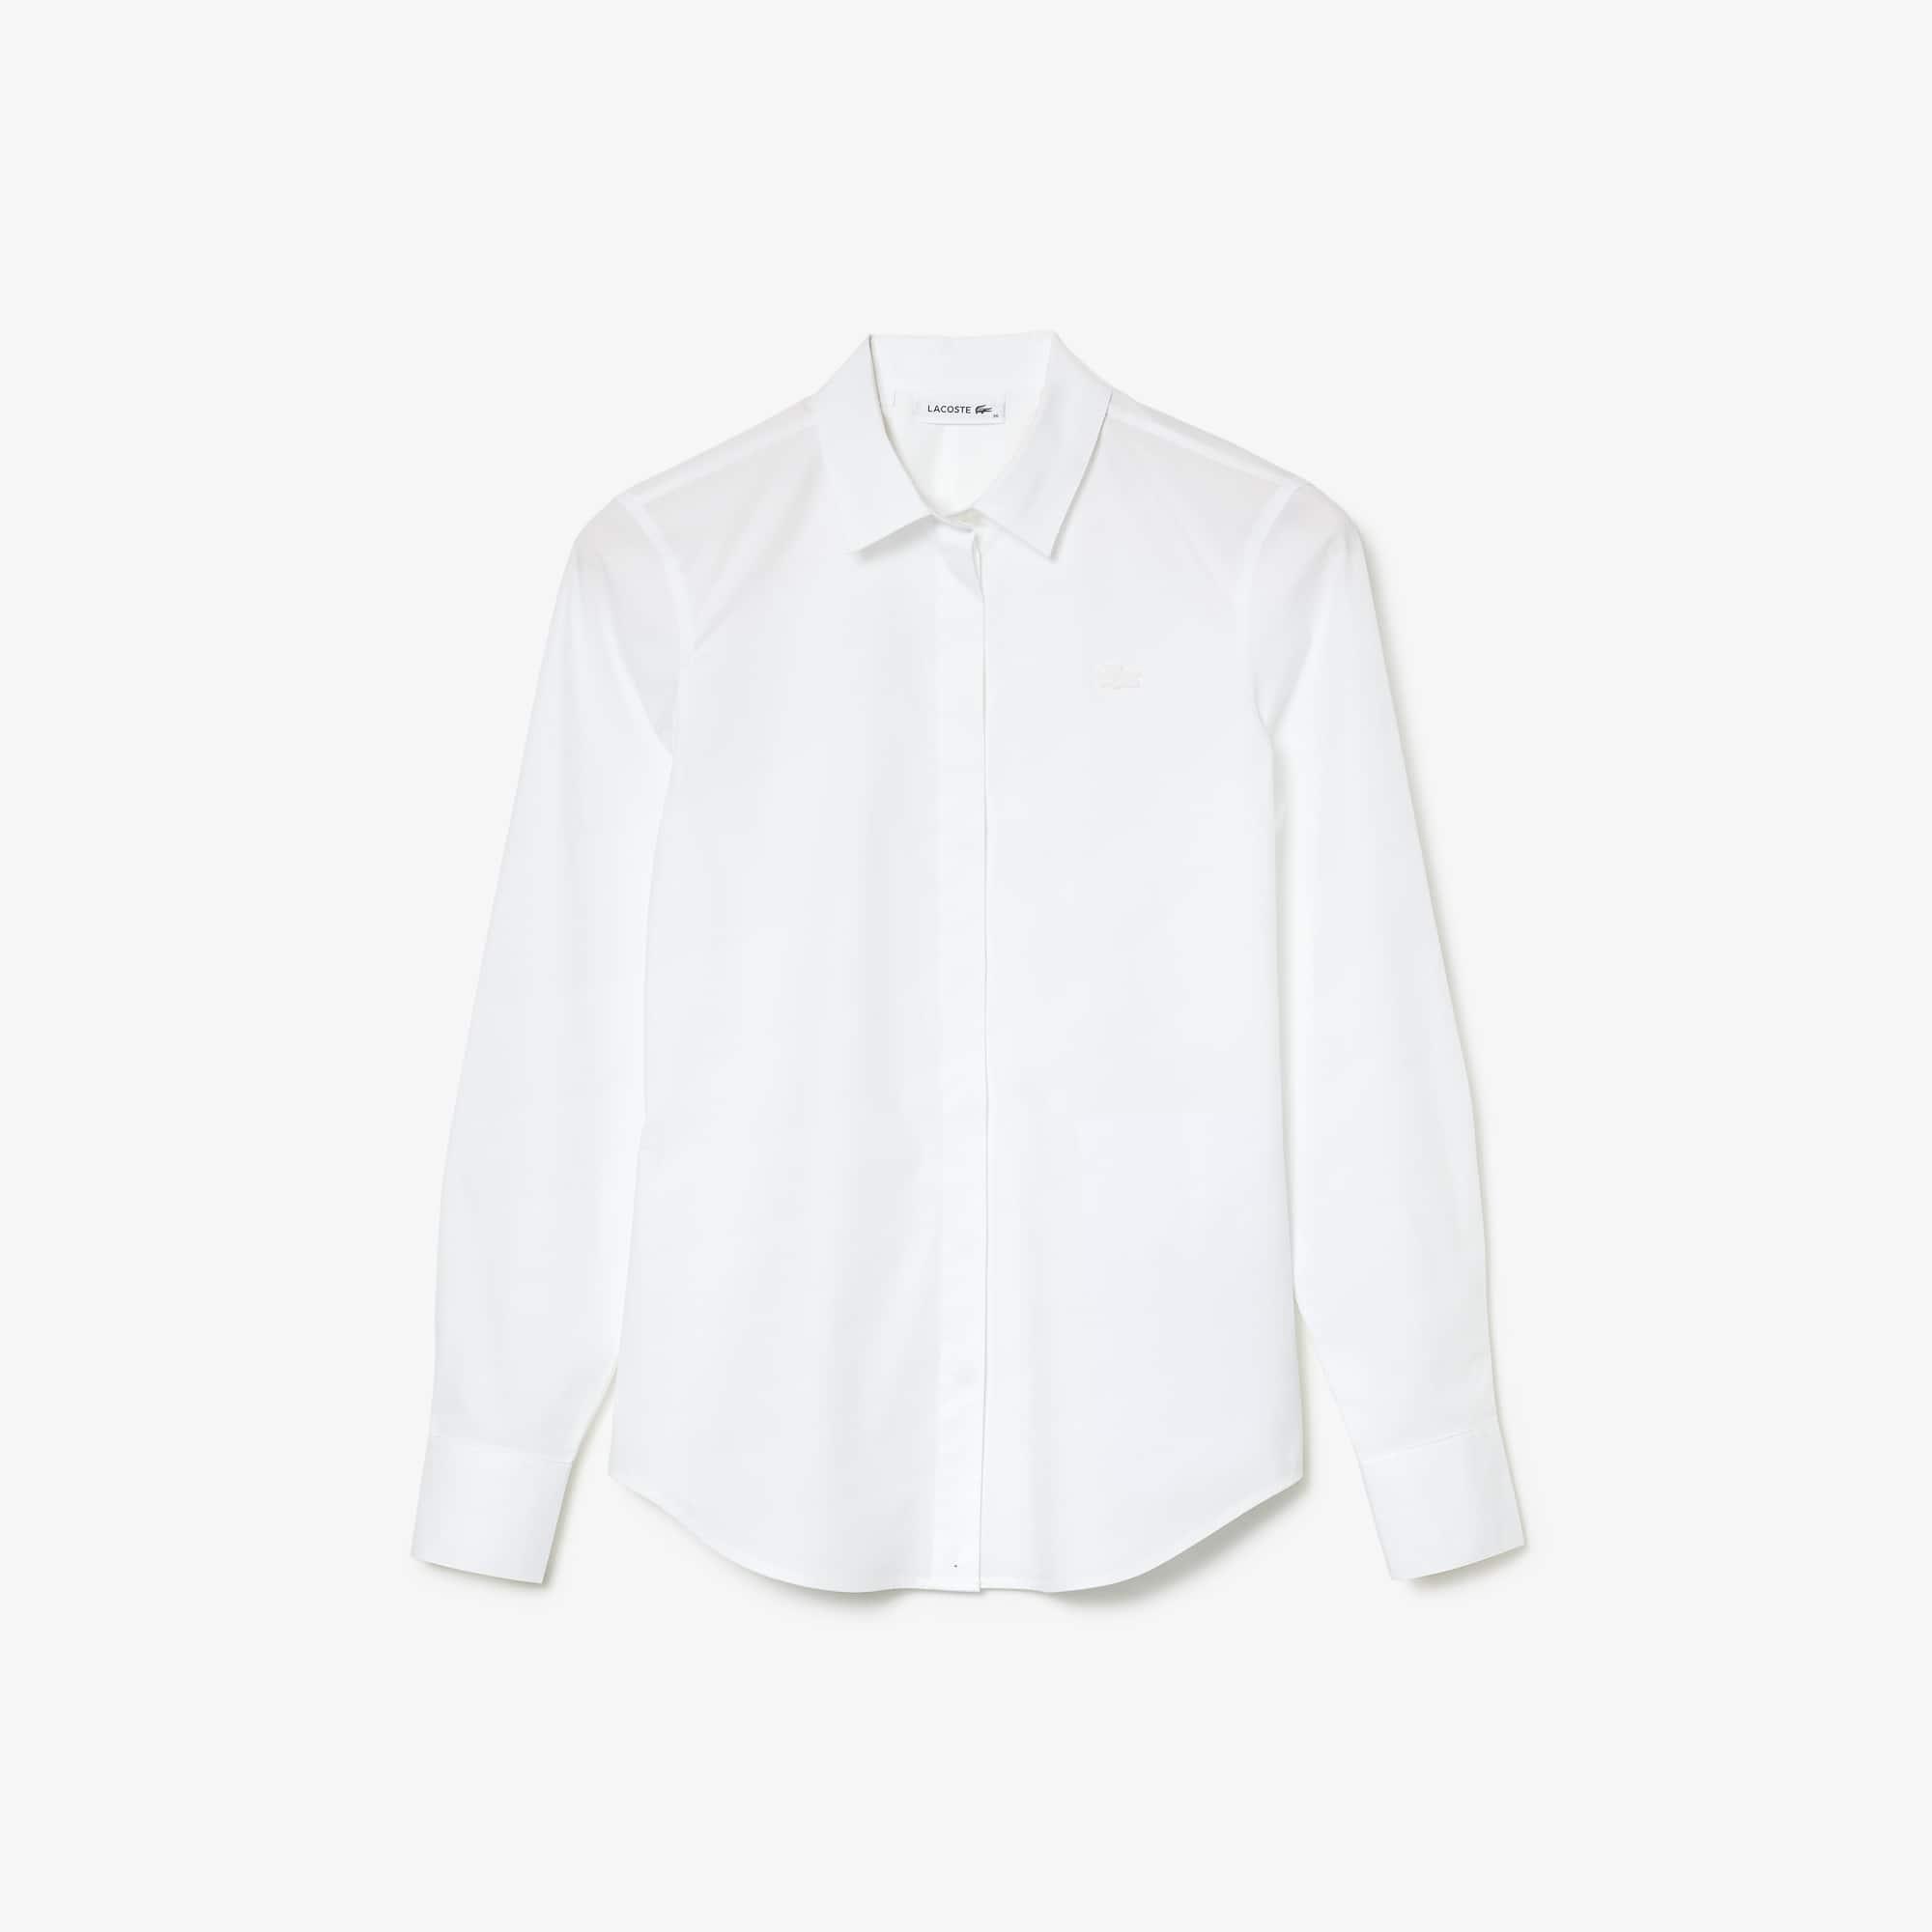 라코스테 우먼 셔츠 Lacoste Women's Slim Fit Stretch Cotton Poplin Shirt,White 001